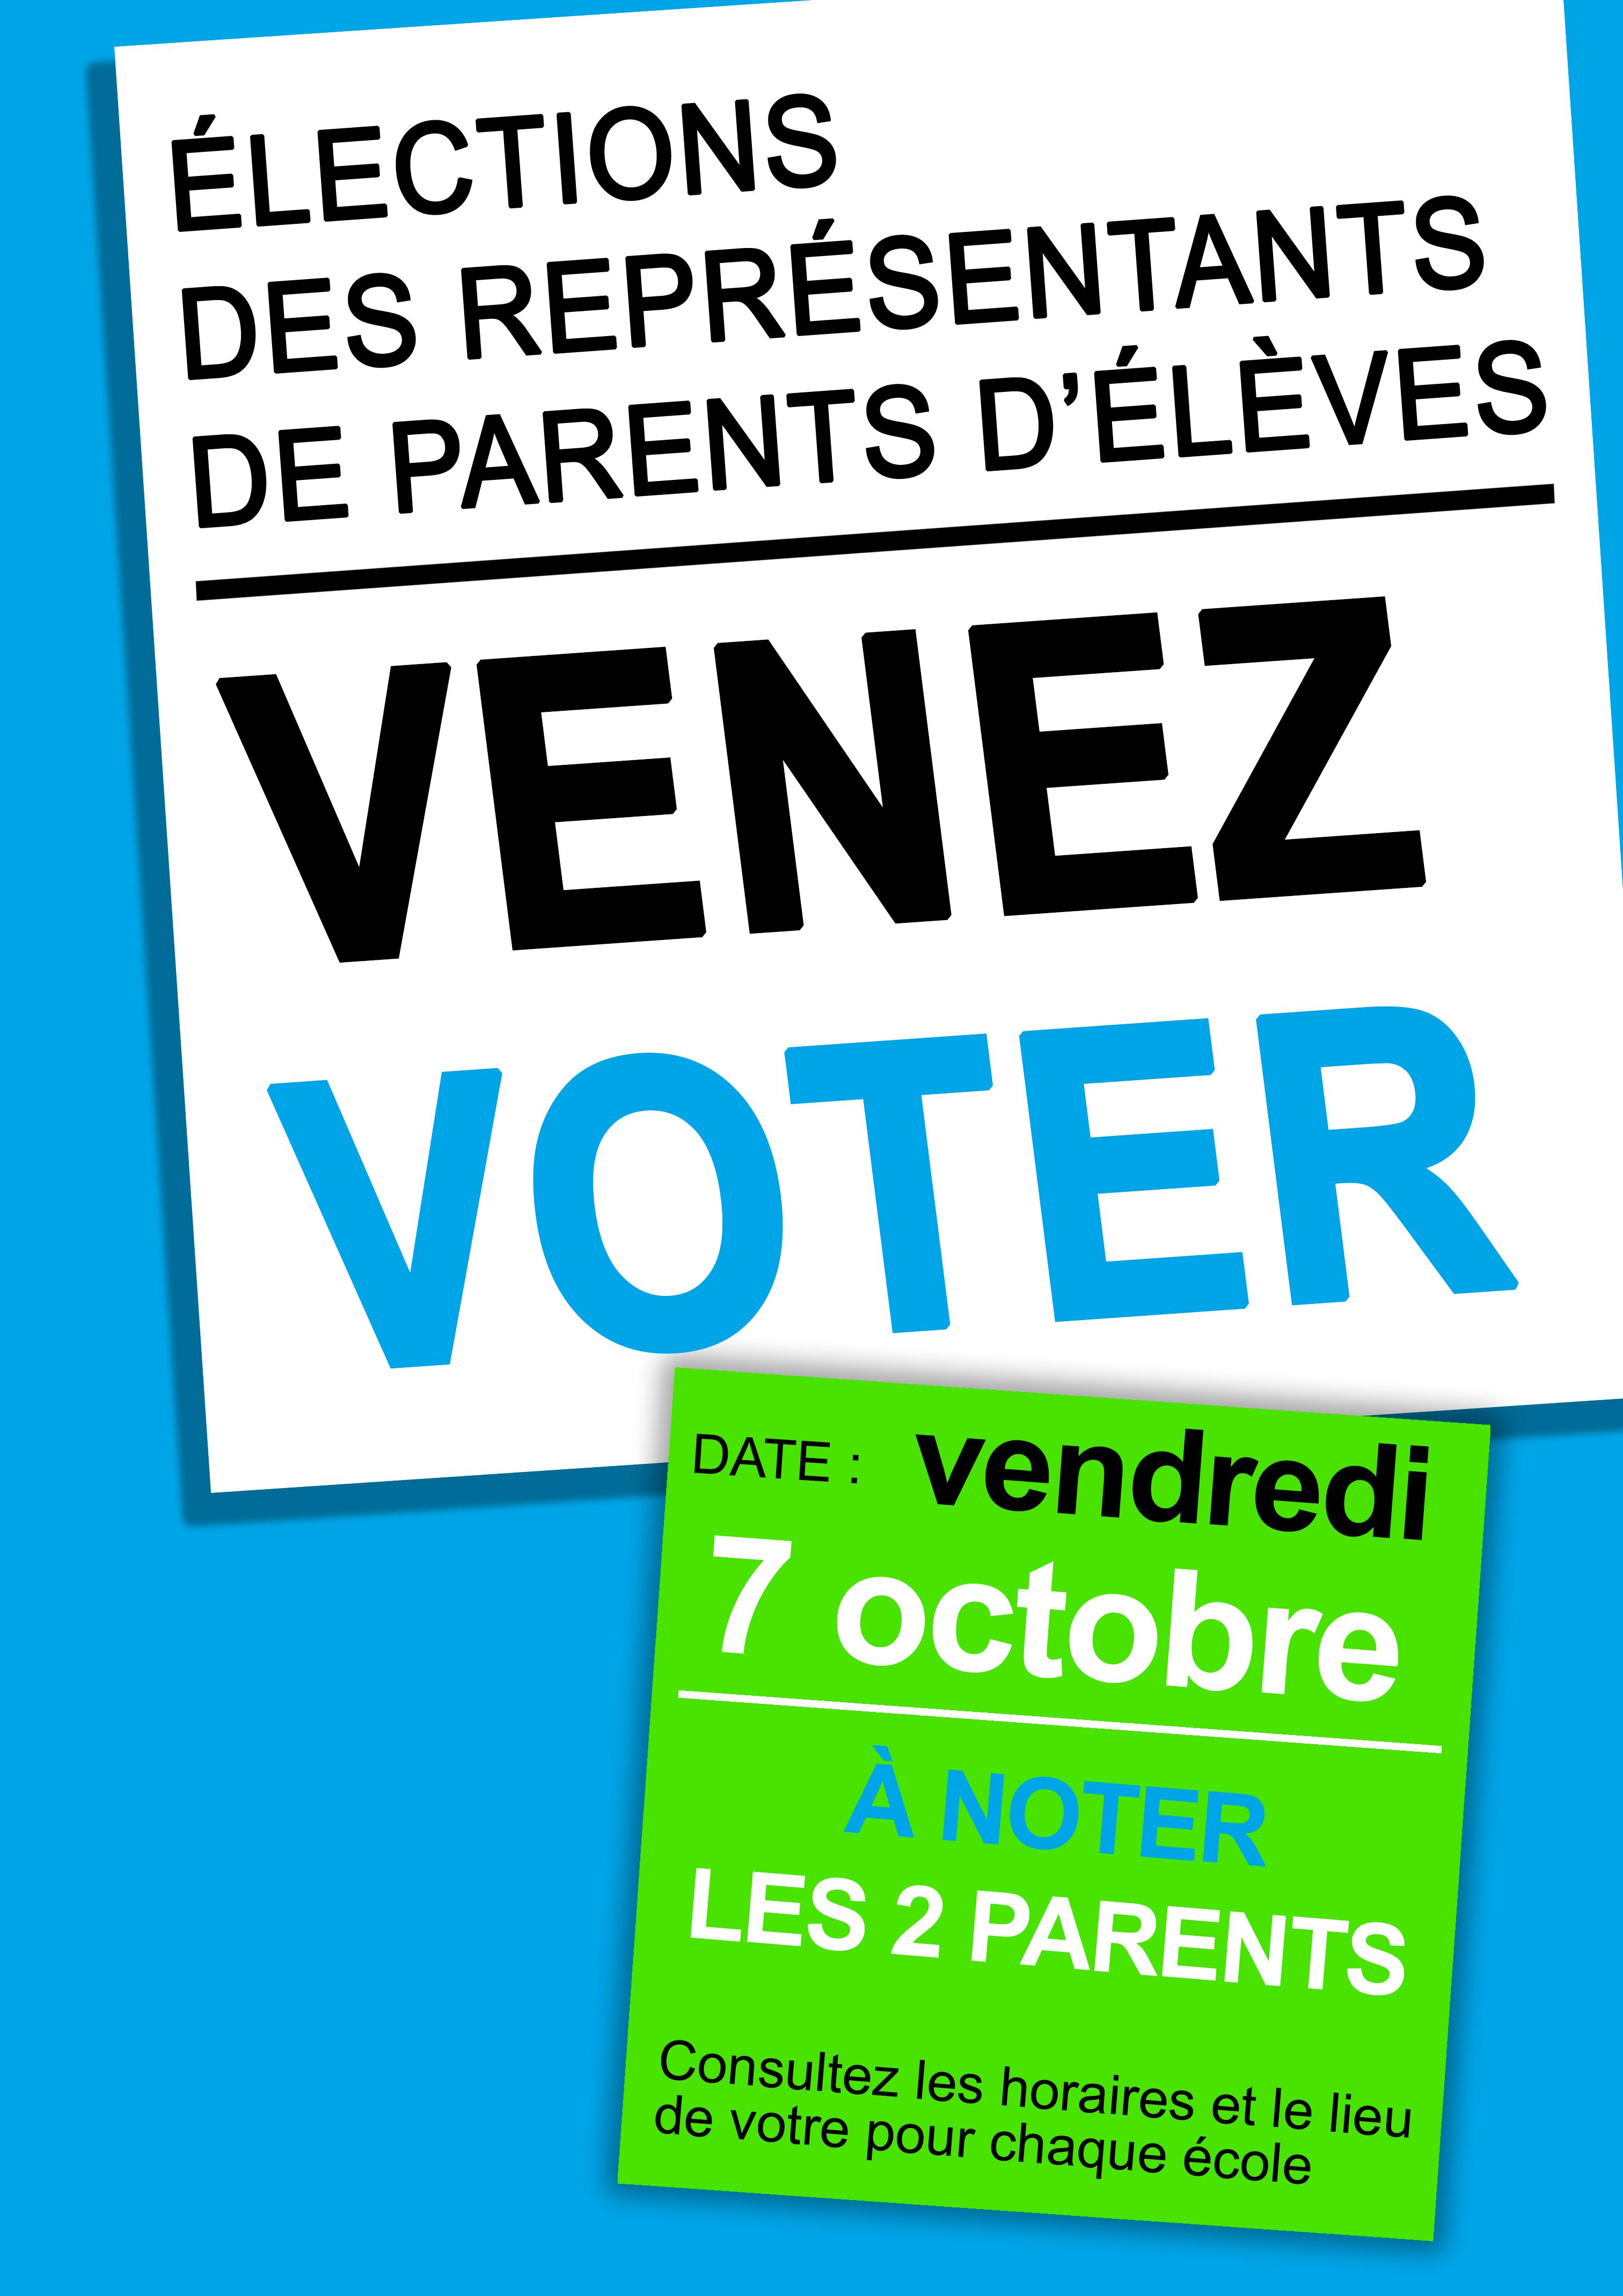 affiche_elections_2016_generique